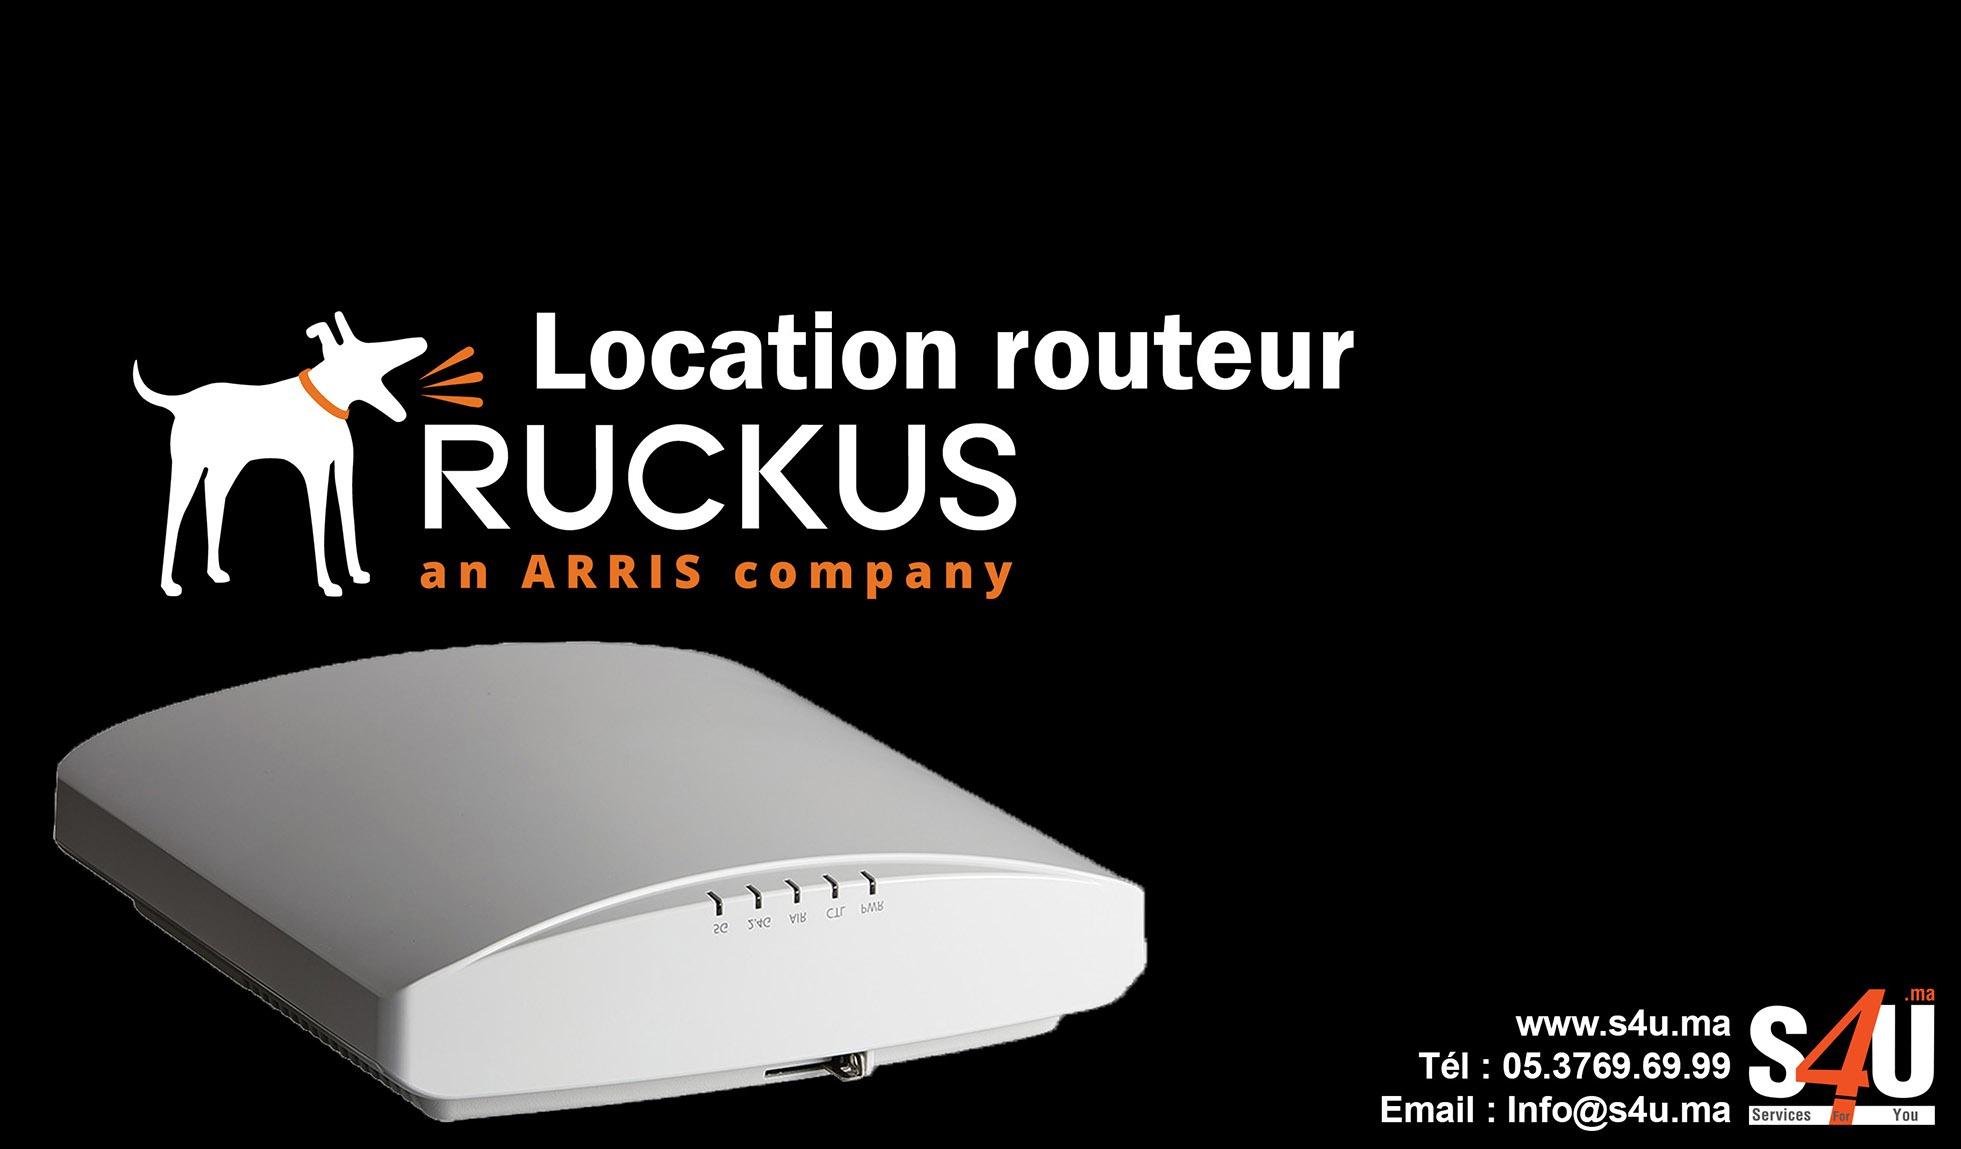 Location-routeur-ruckus-Rabat-Casablanca-Maroc